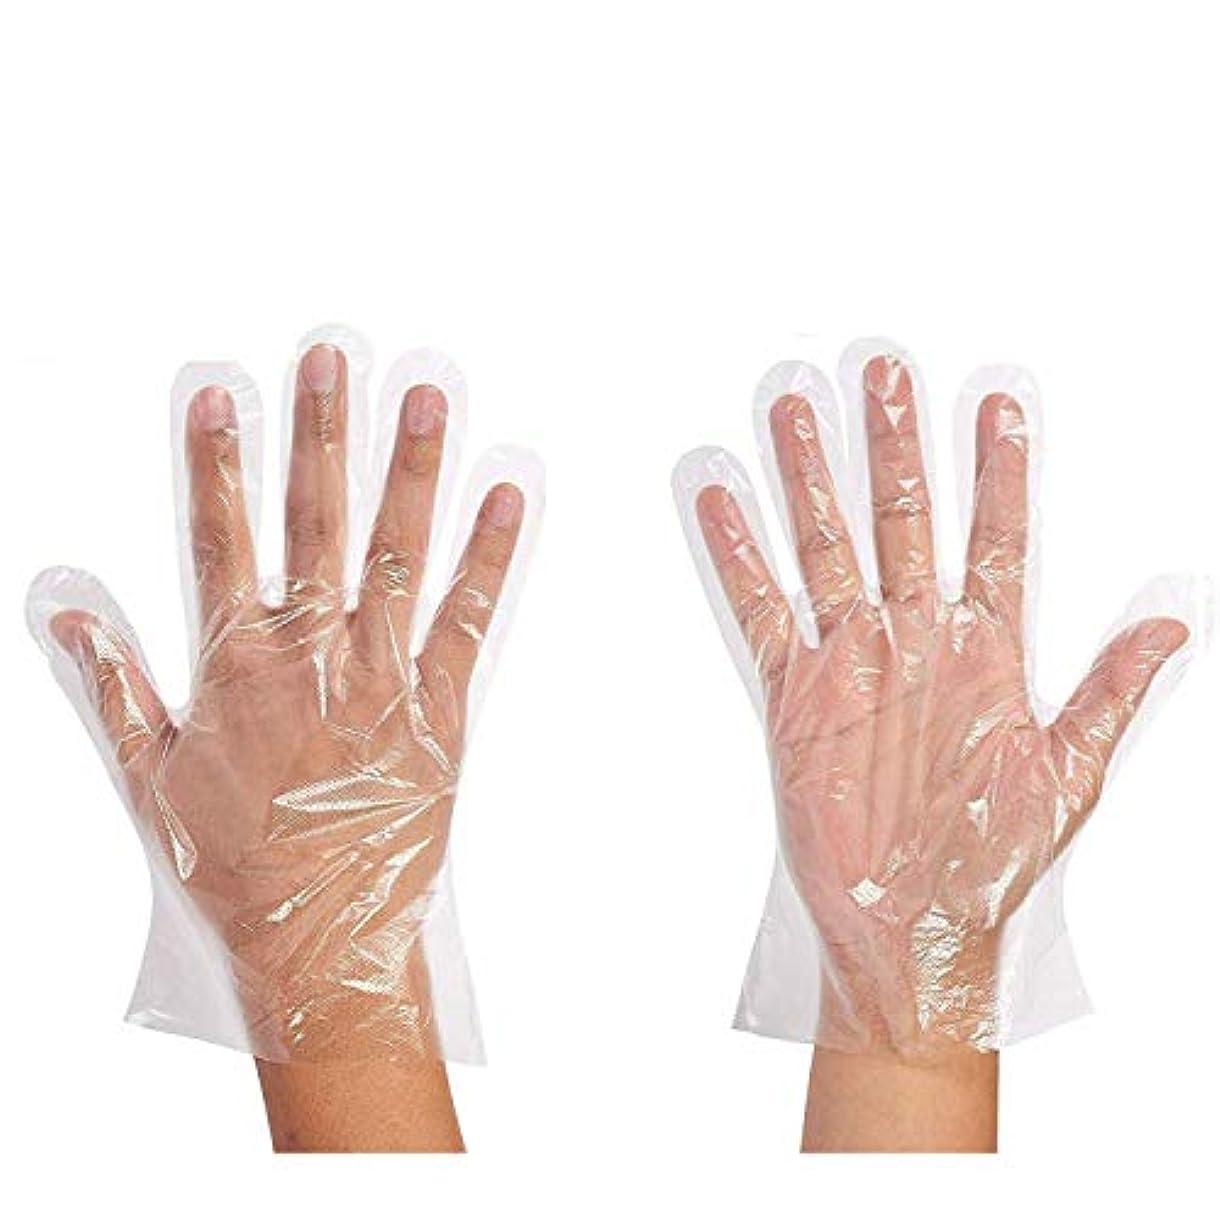 協力するバイパス不幸500枚セット使い捨て手袋 ポリエチレン 極薄ビニール手袋 実用 衛生 極薄手袋毛染めに 調理に お掃除に 透明